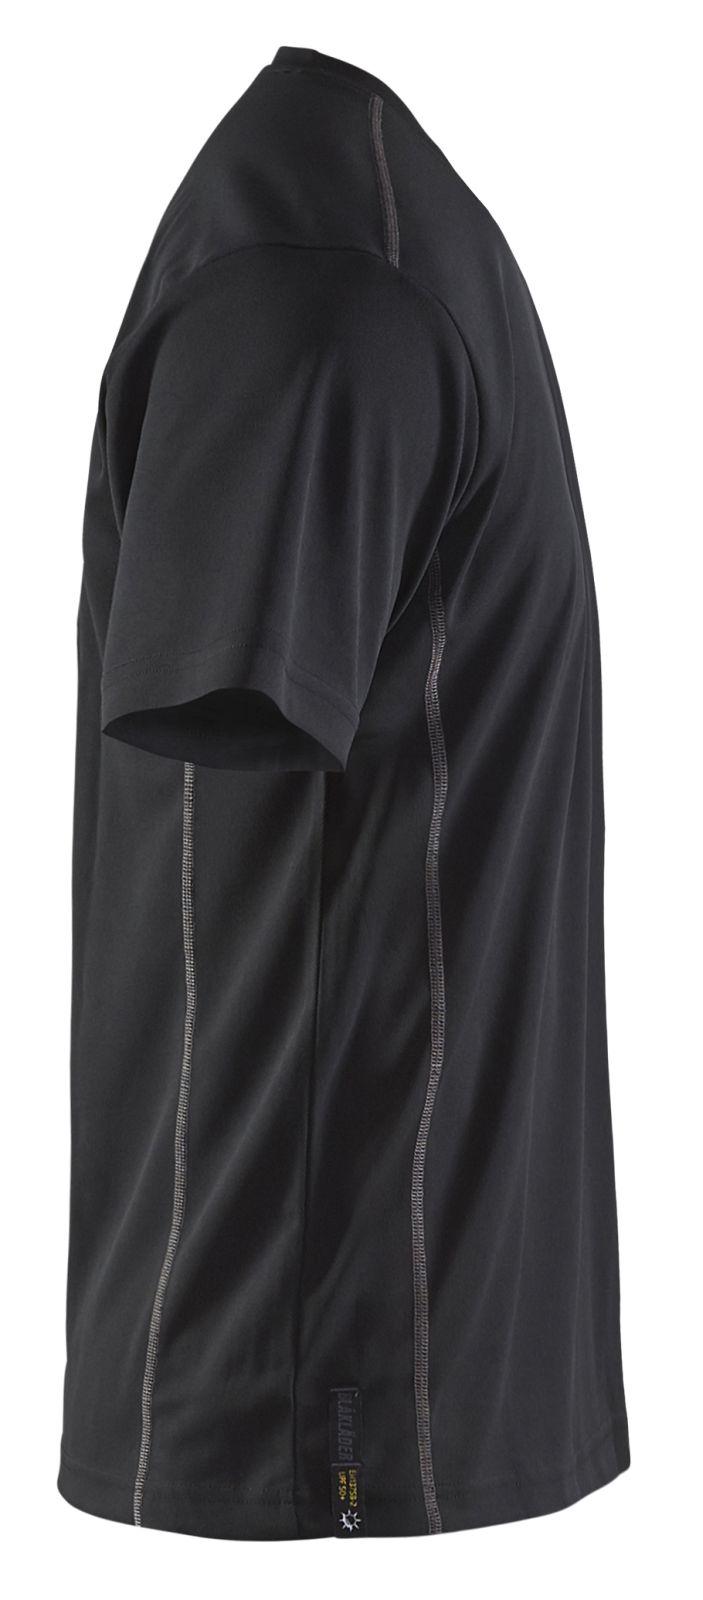 Blaklader T-shirts 33231051 zwart(9900)